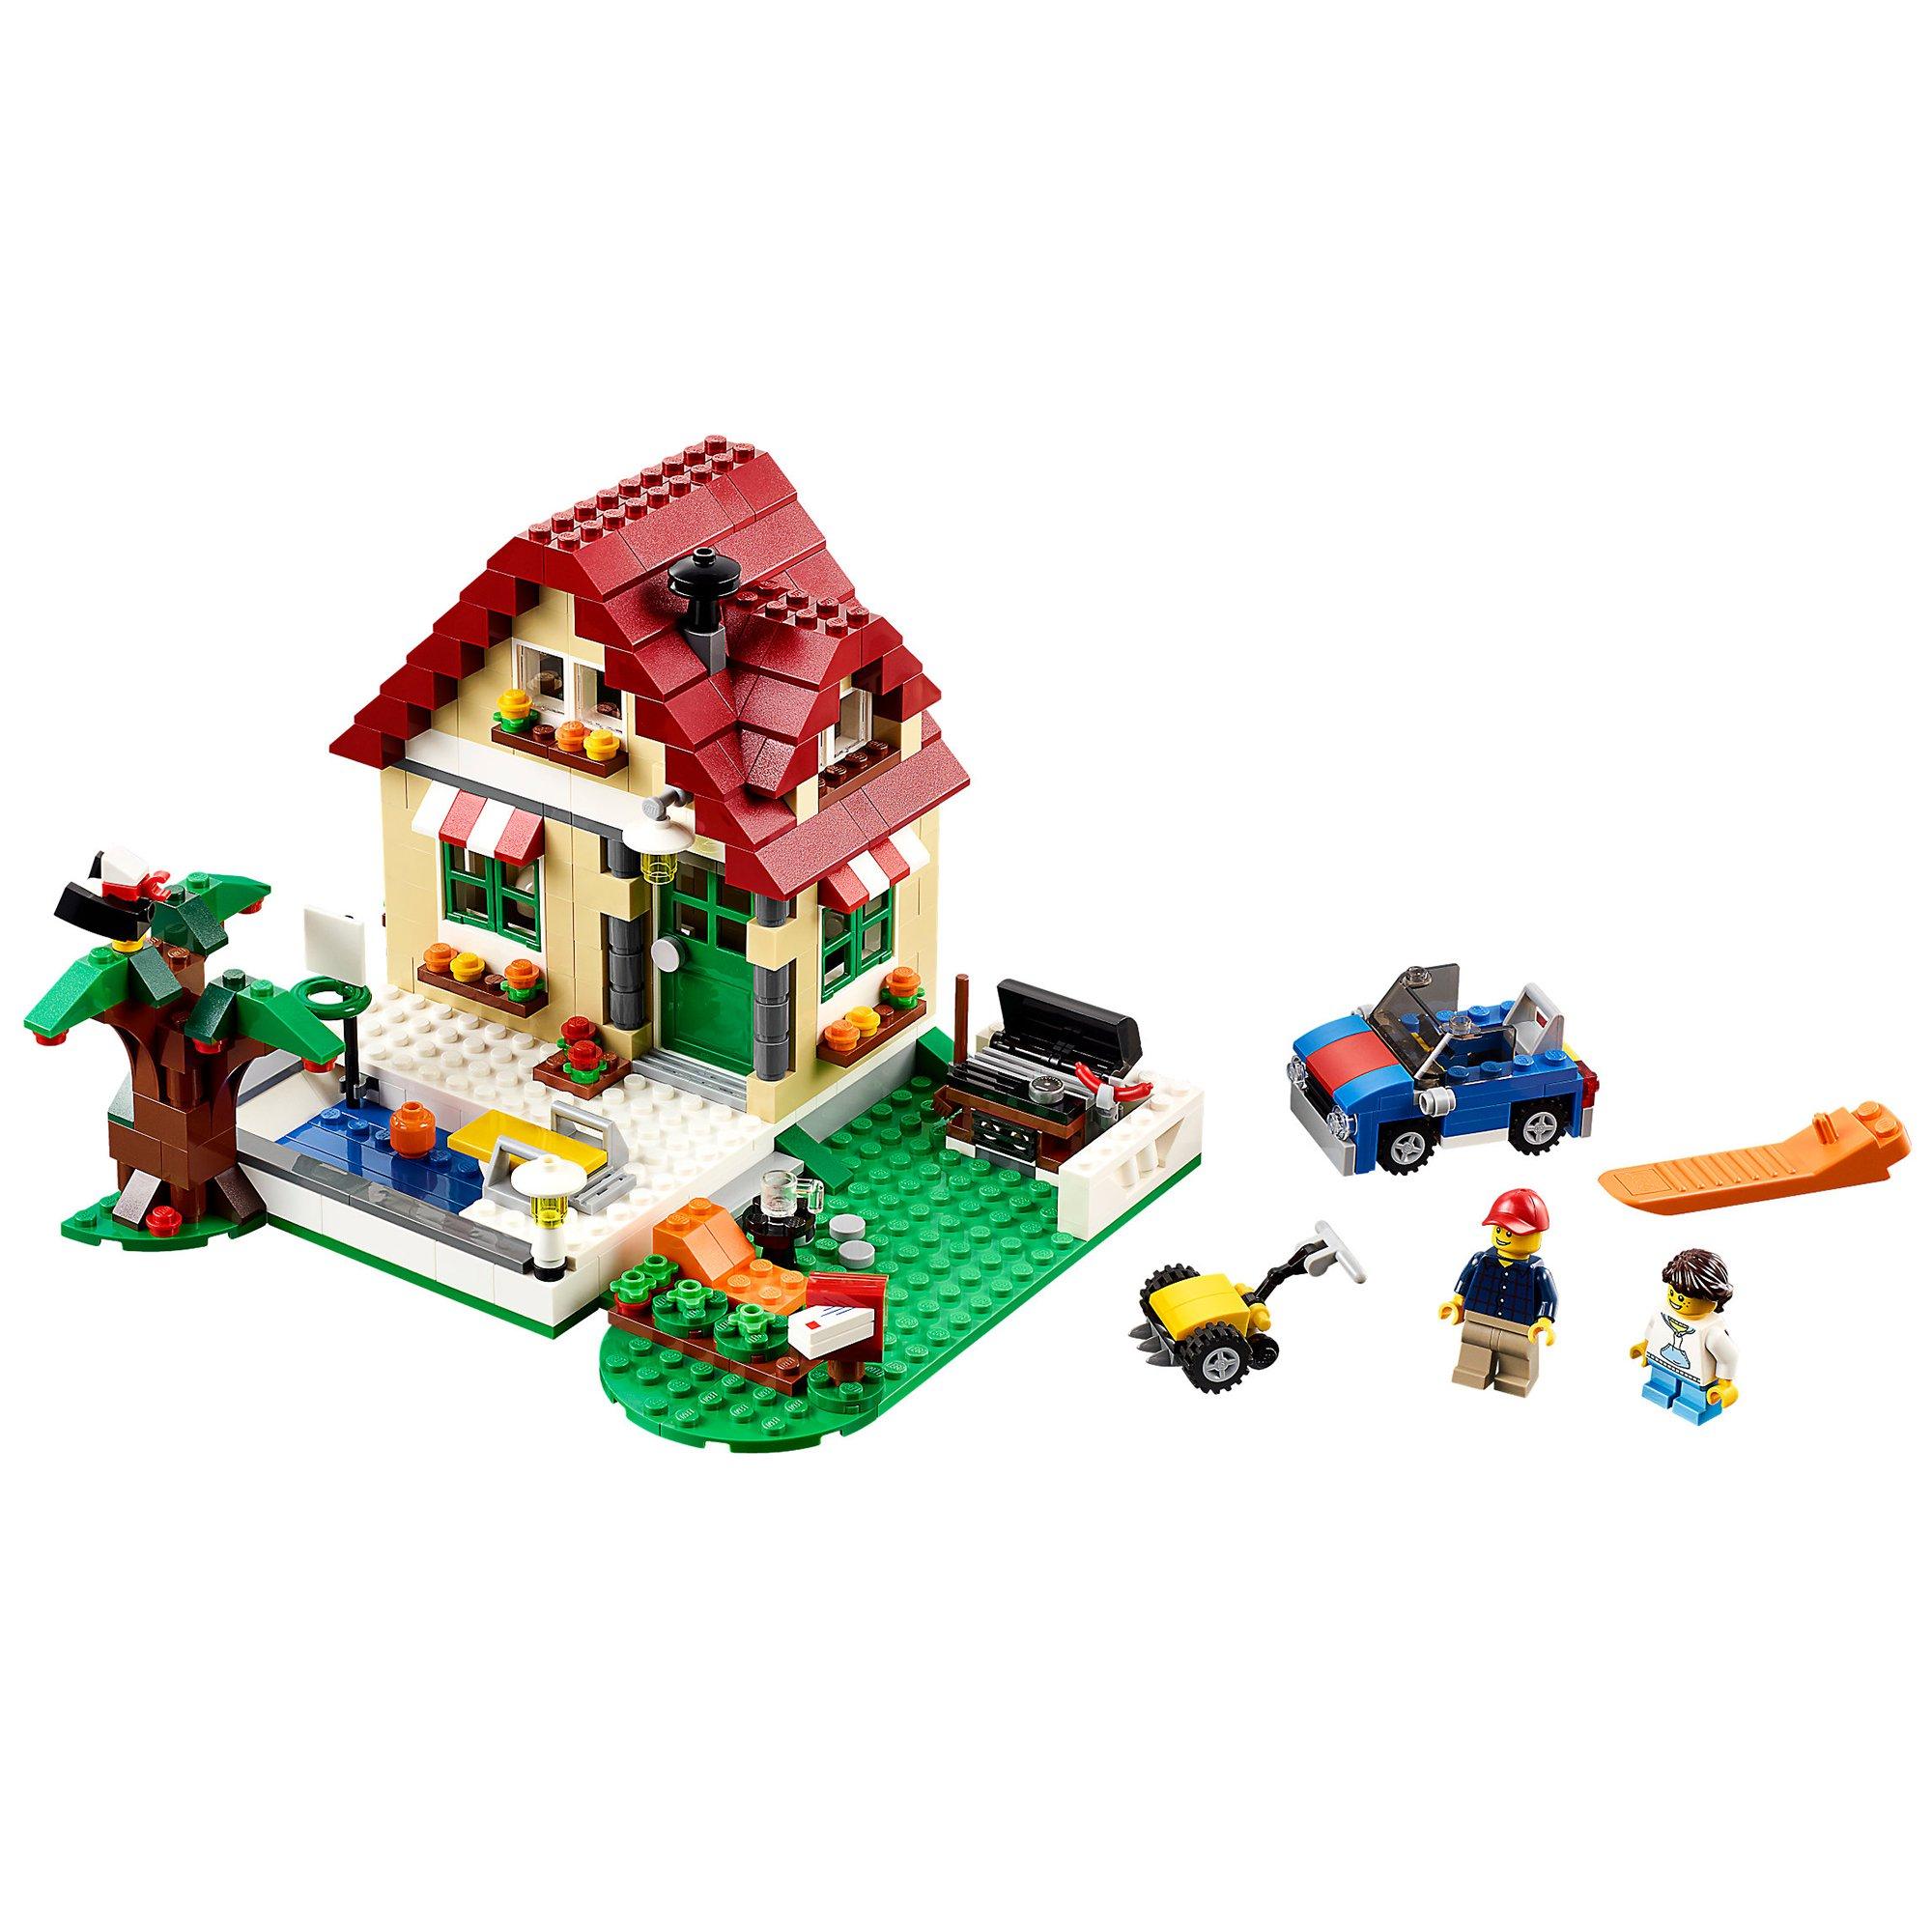 LEGO Creator Changing Seasons, 31038